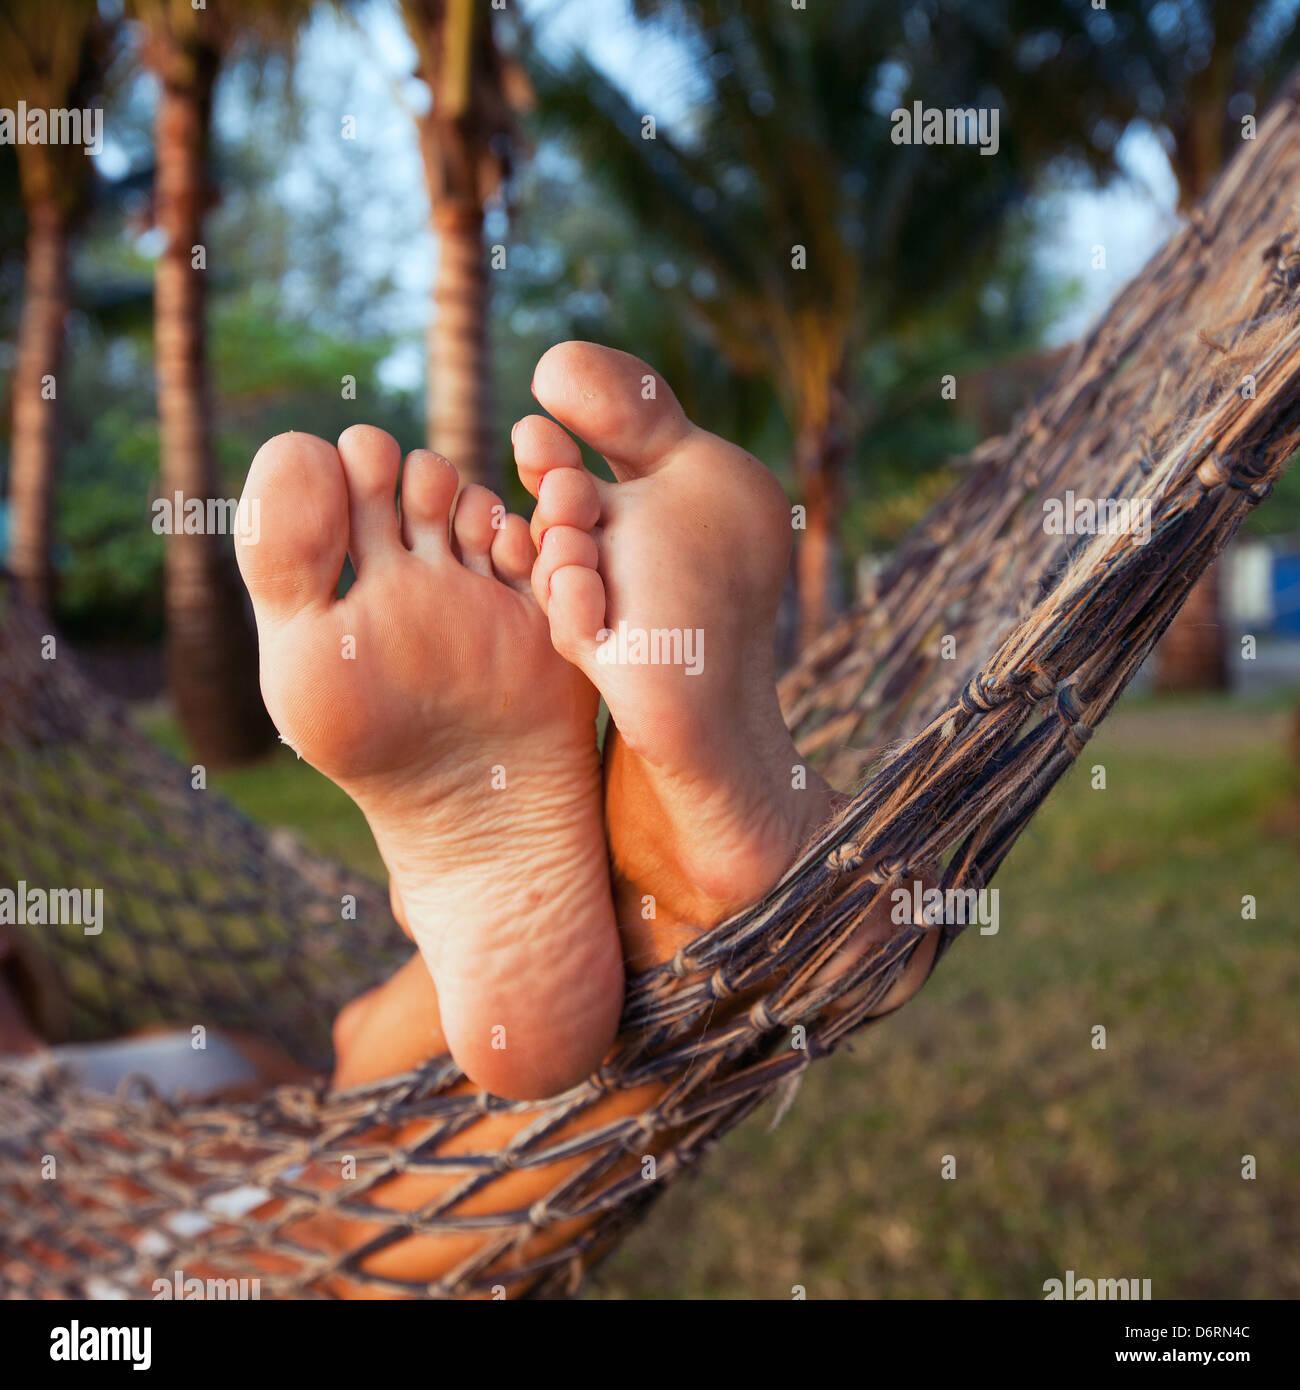 woman in hammock - Stock Image